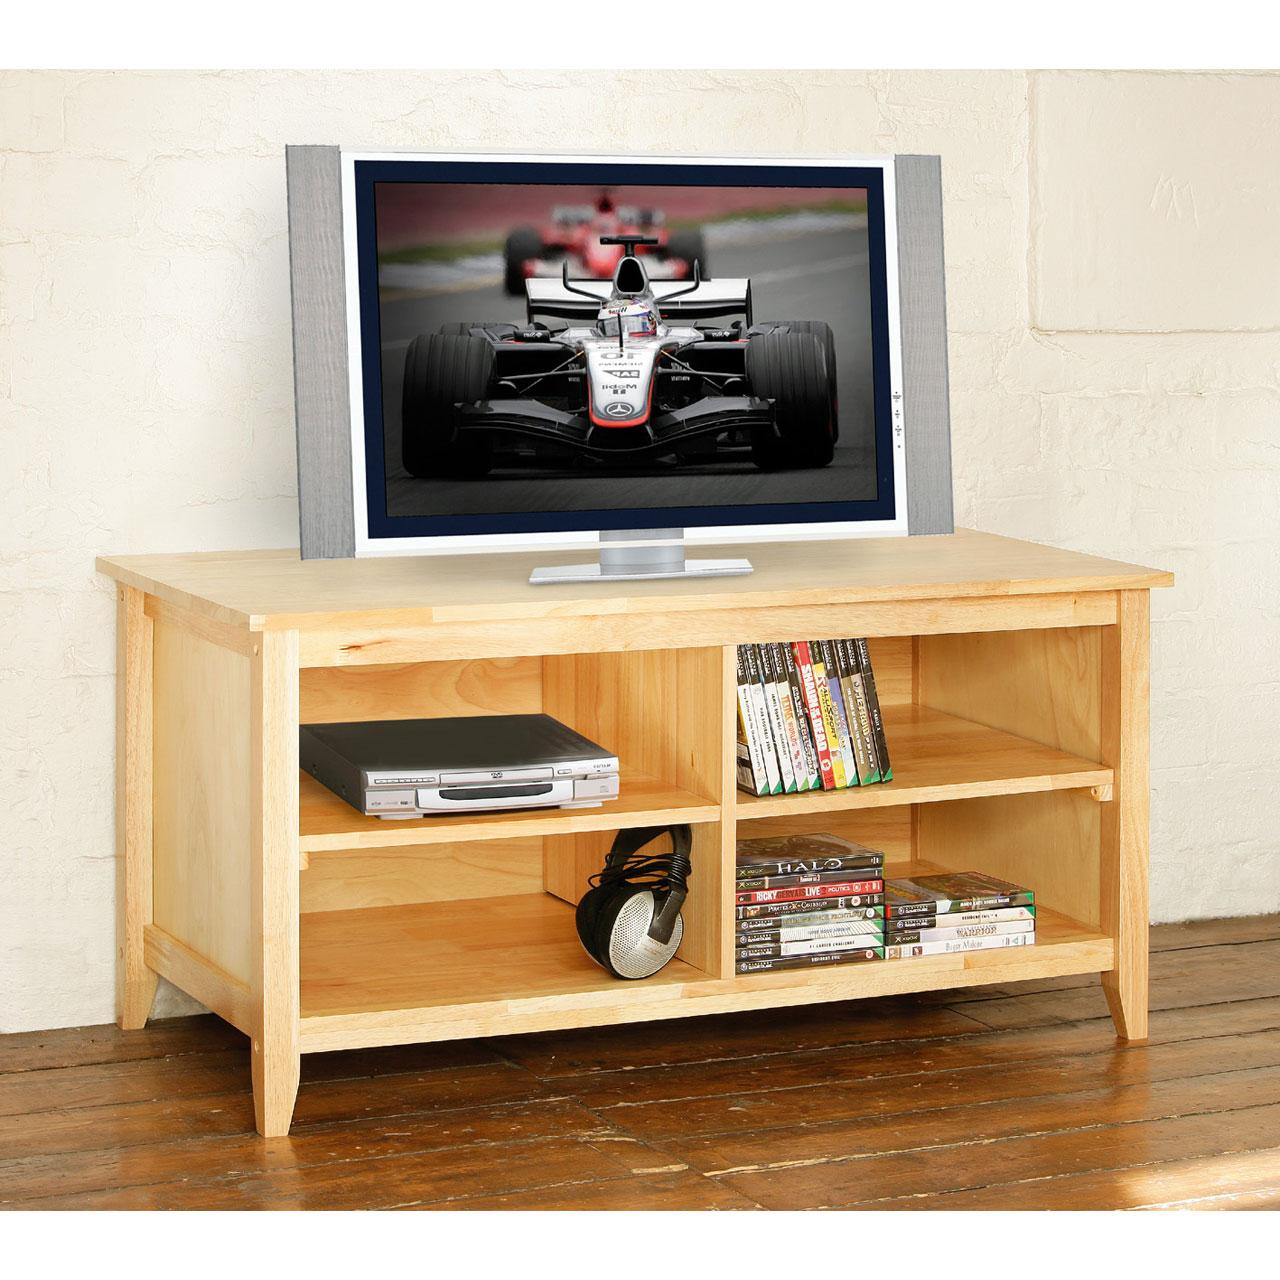 natural wood tv av multimedia stand unit with 4 shelves 110cm width 55cm high ebay. Black Bedroom Furniture Sets. Home Design Ideas